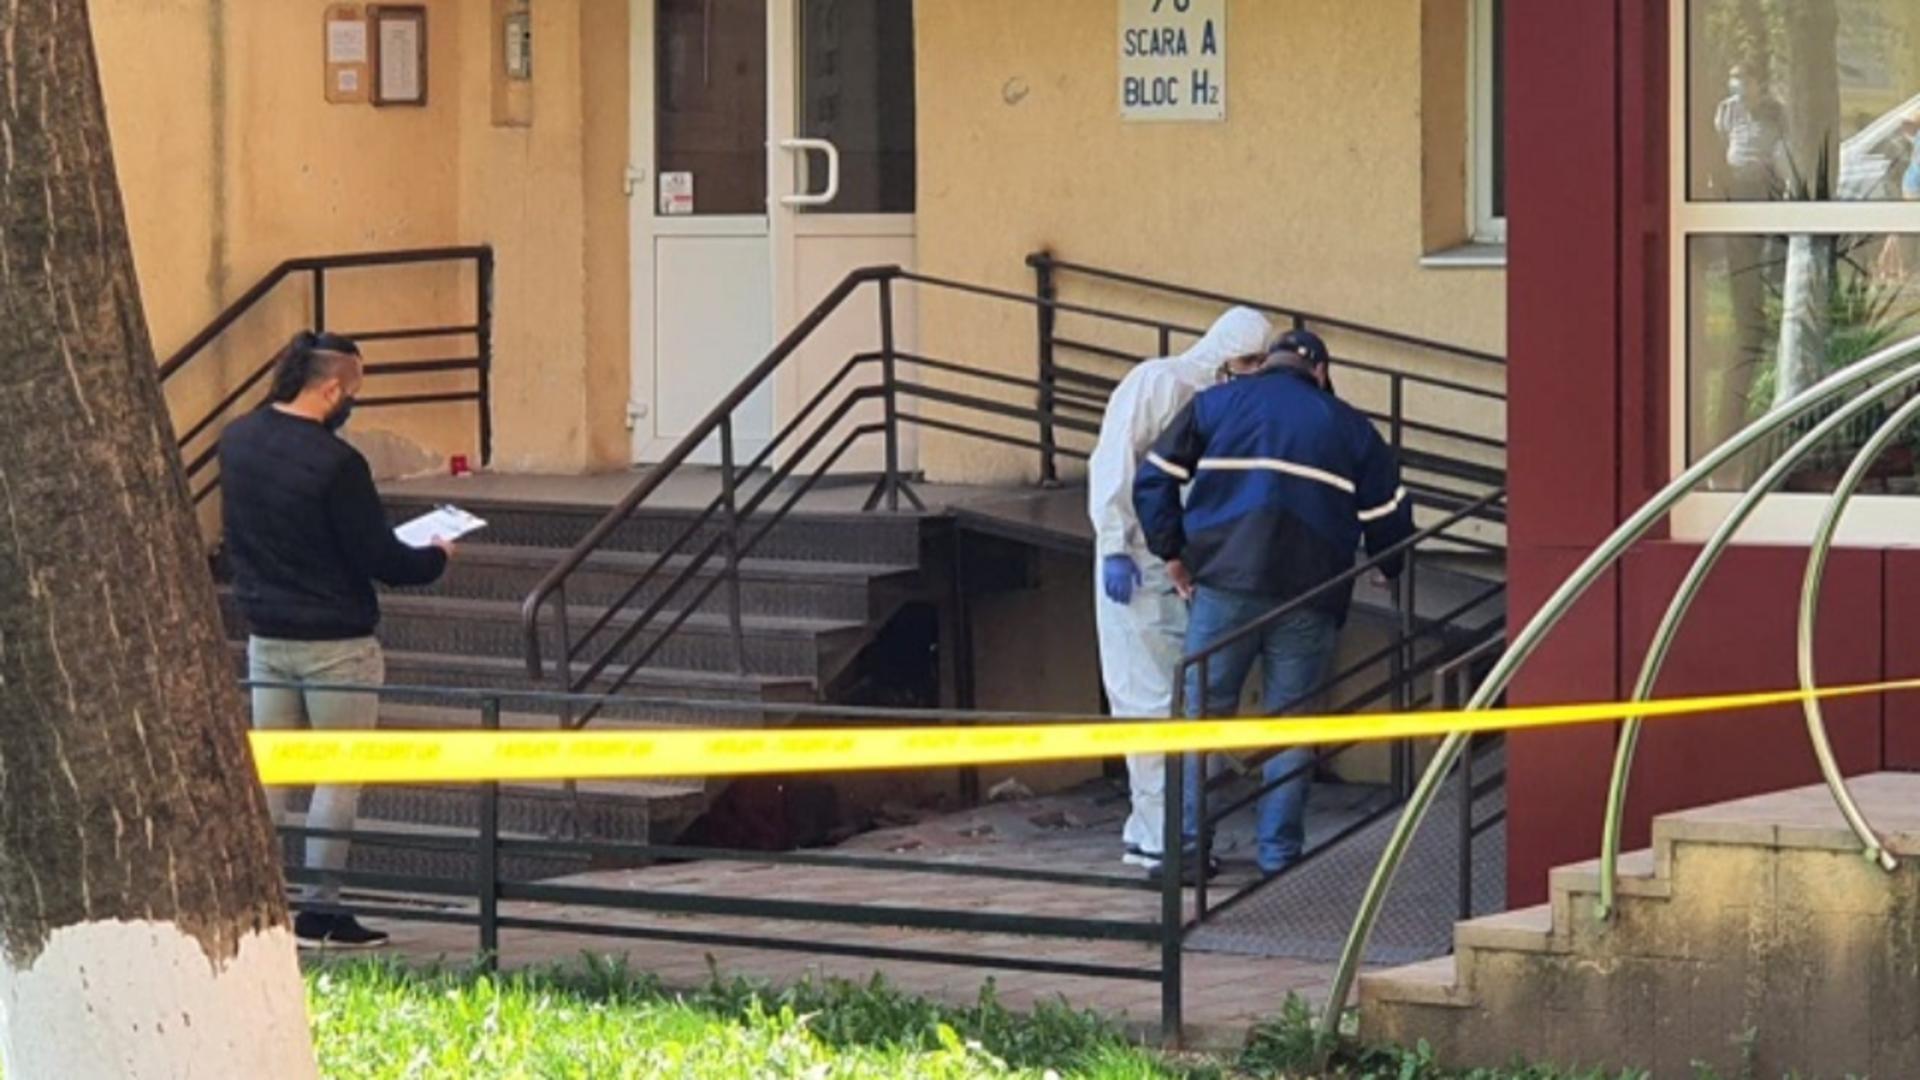 Criminaliștii adună probe la locul faptei